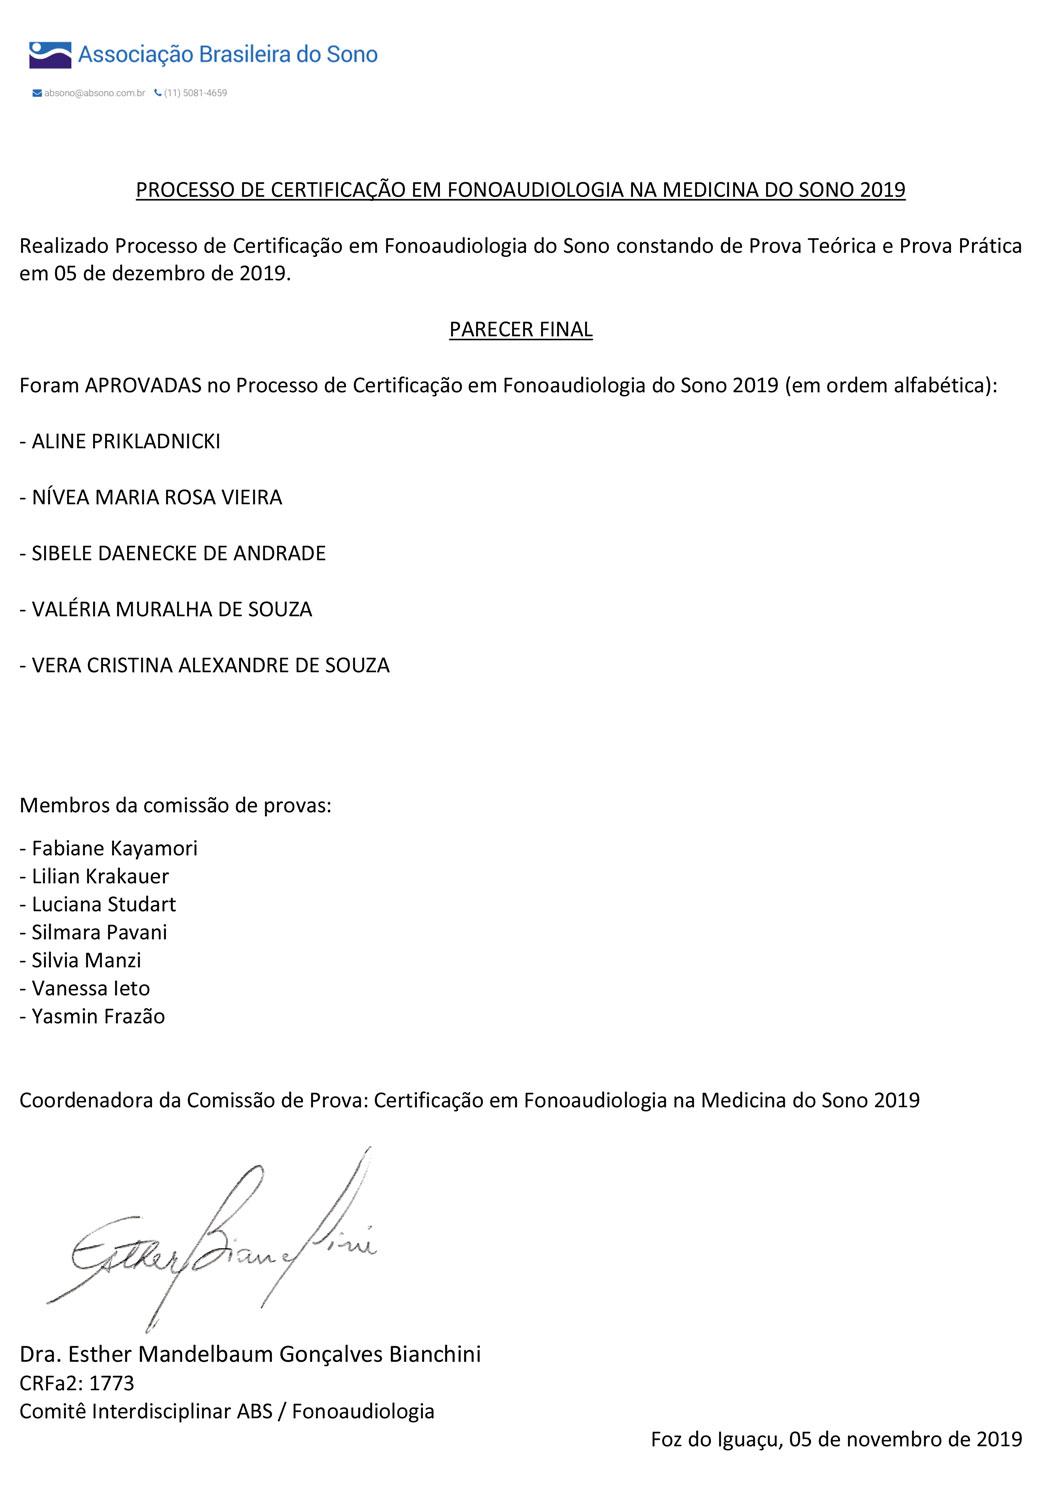 2019-CERTIFICAÇÃO-FONOAUDIOLOGIA-DO-SONO---ABS-3